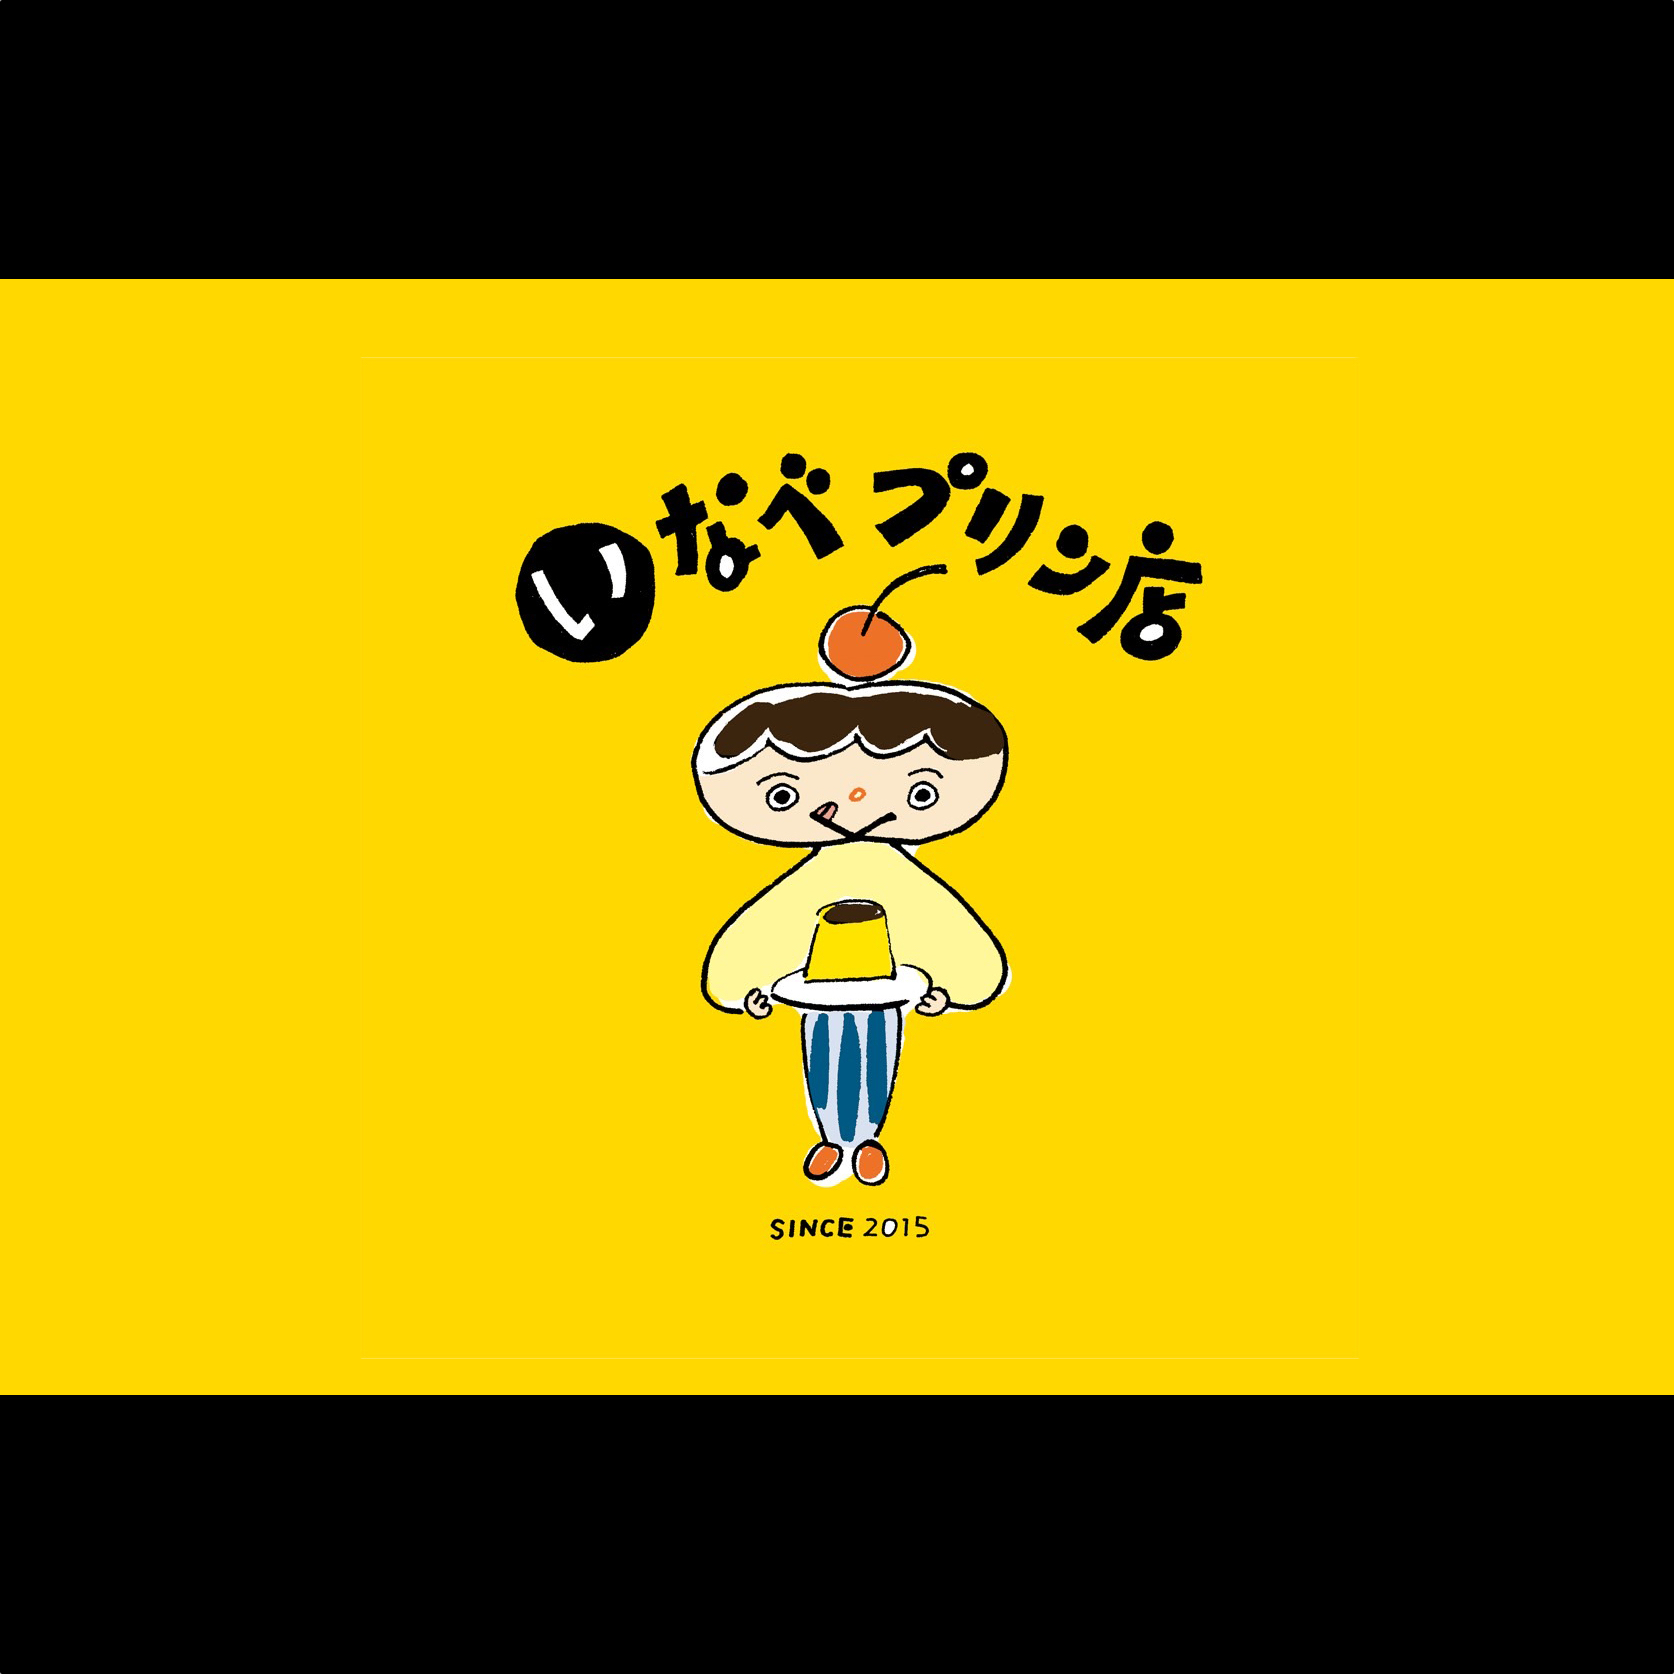 03.いなべプリン